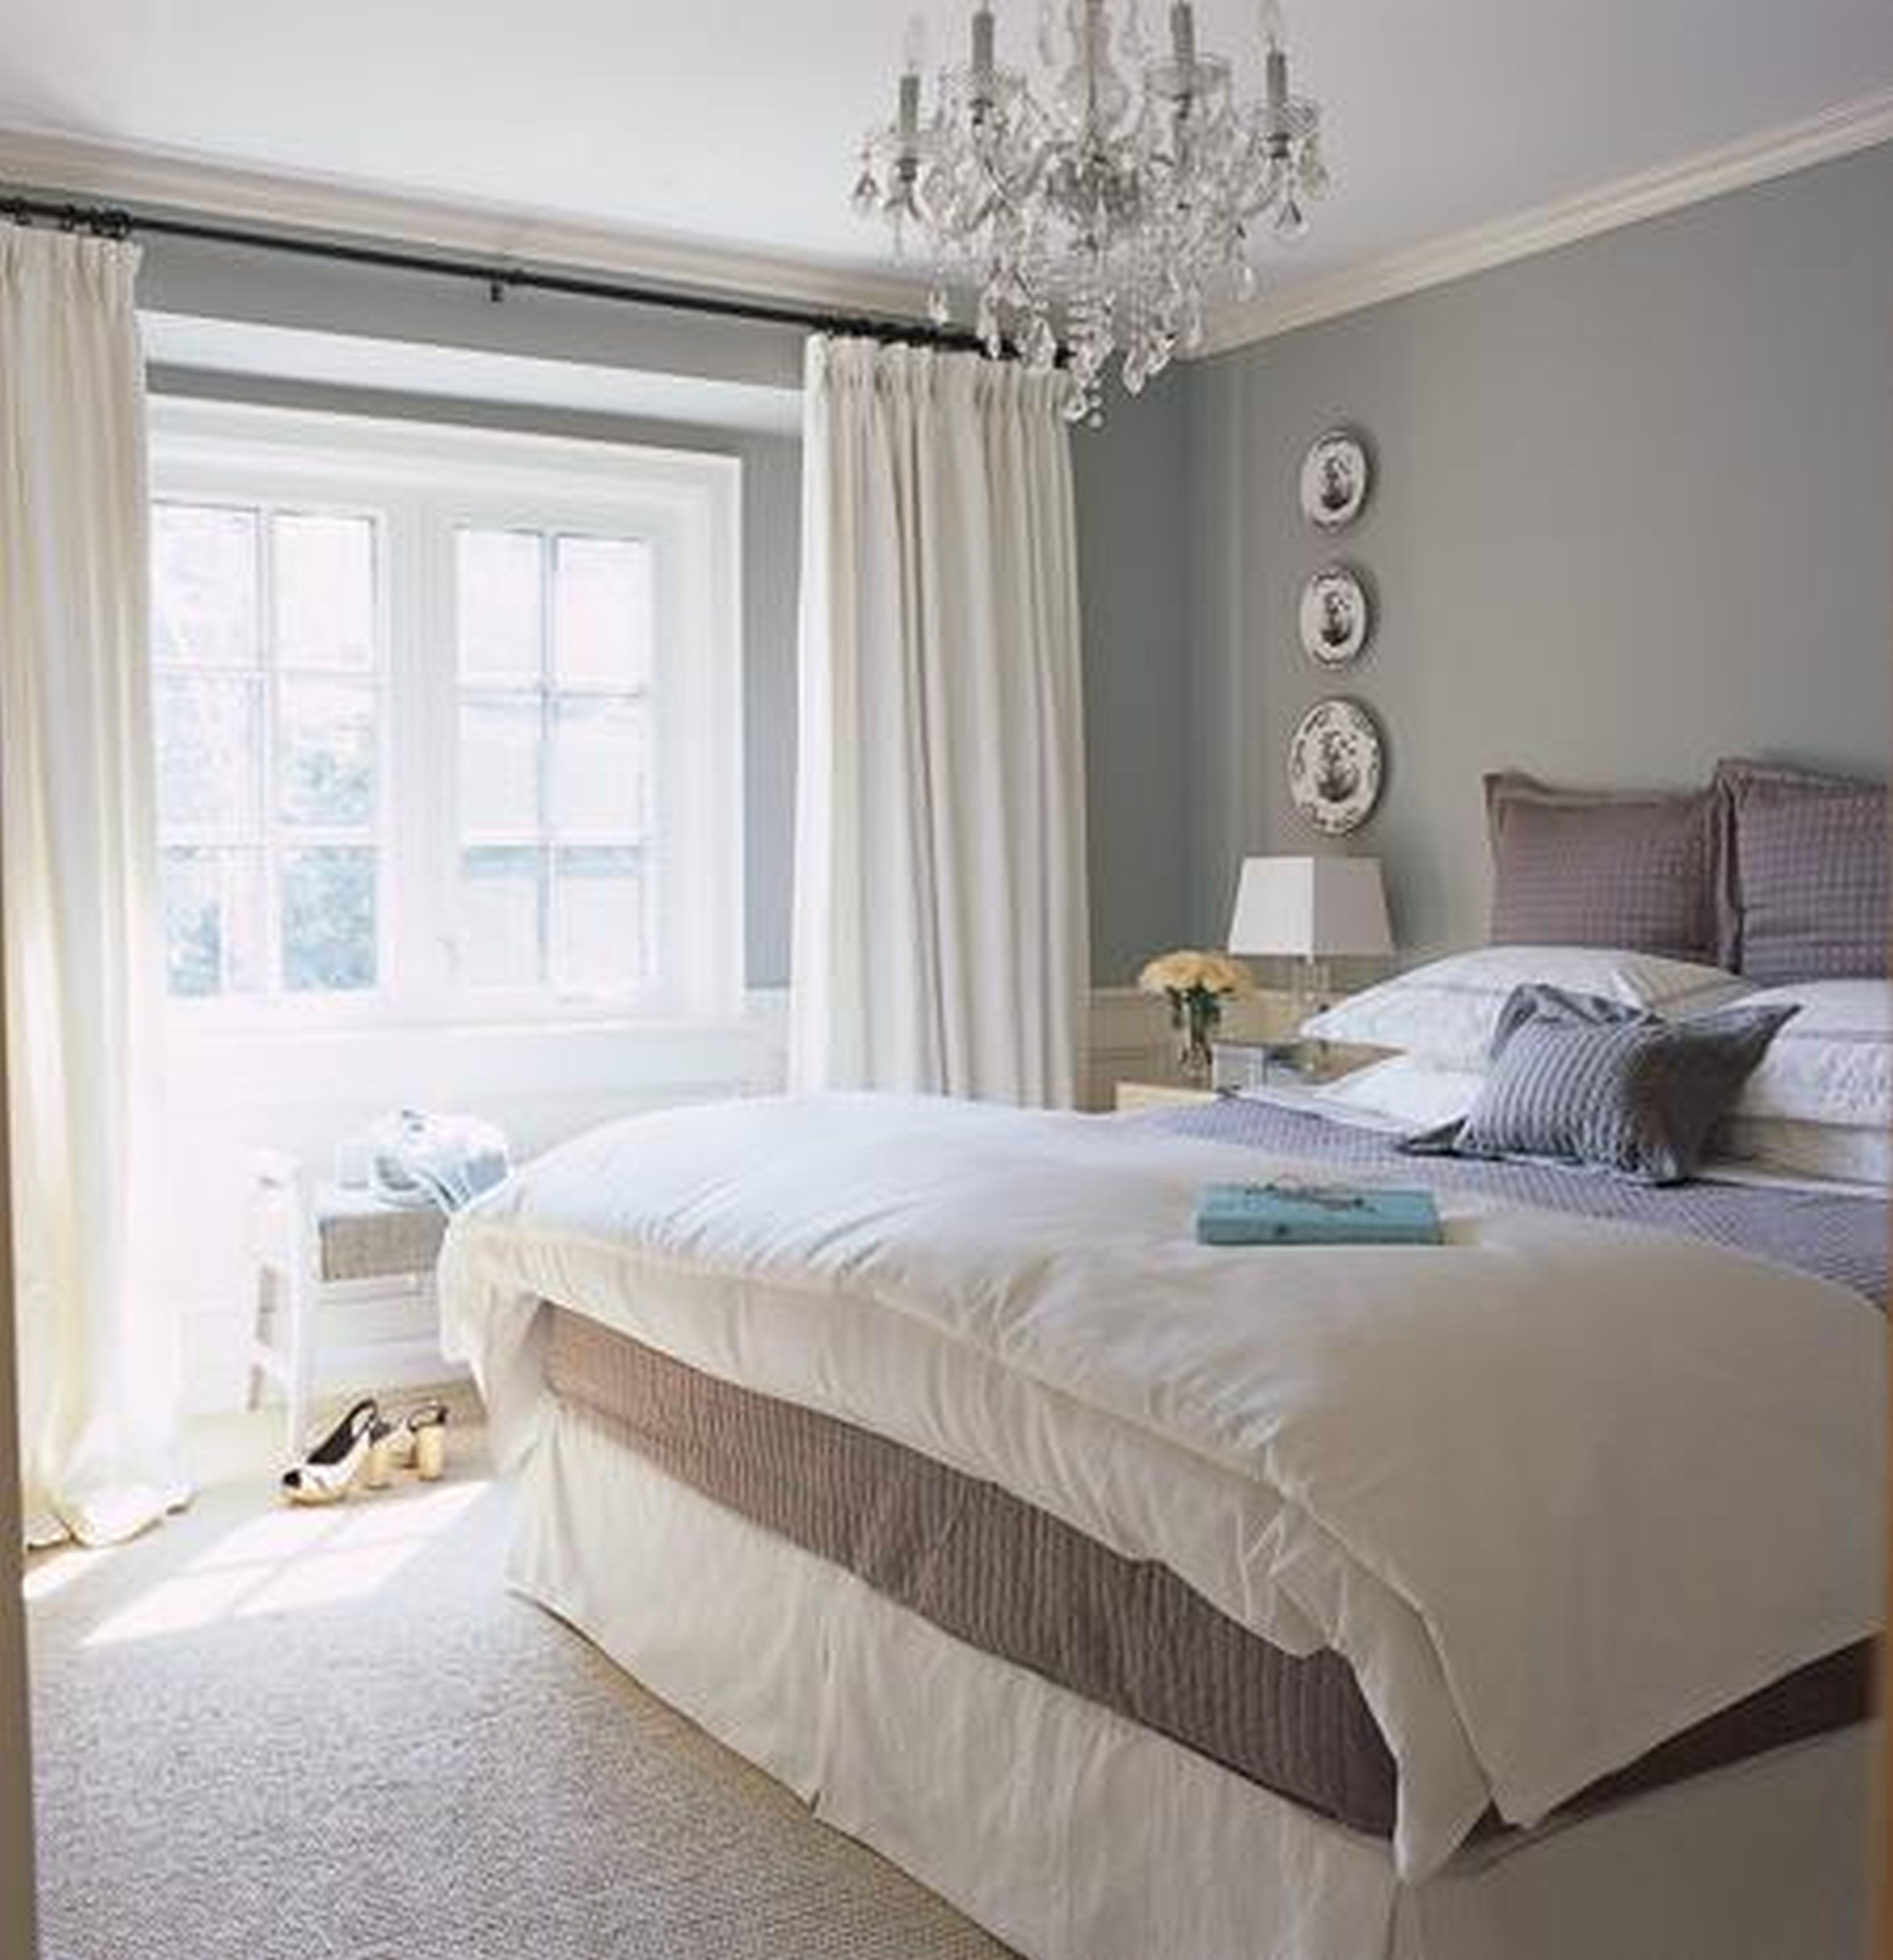 View In Gallery Idea Langsir Tingkap Moden Sesuai Untuk Ruang Bilik Tidur